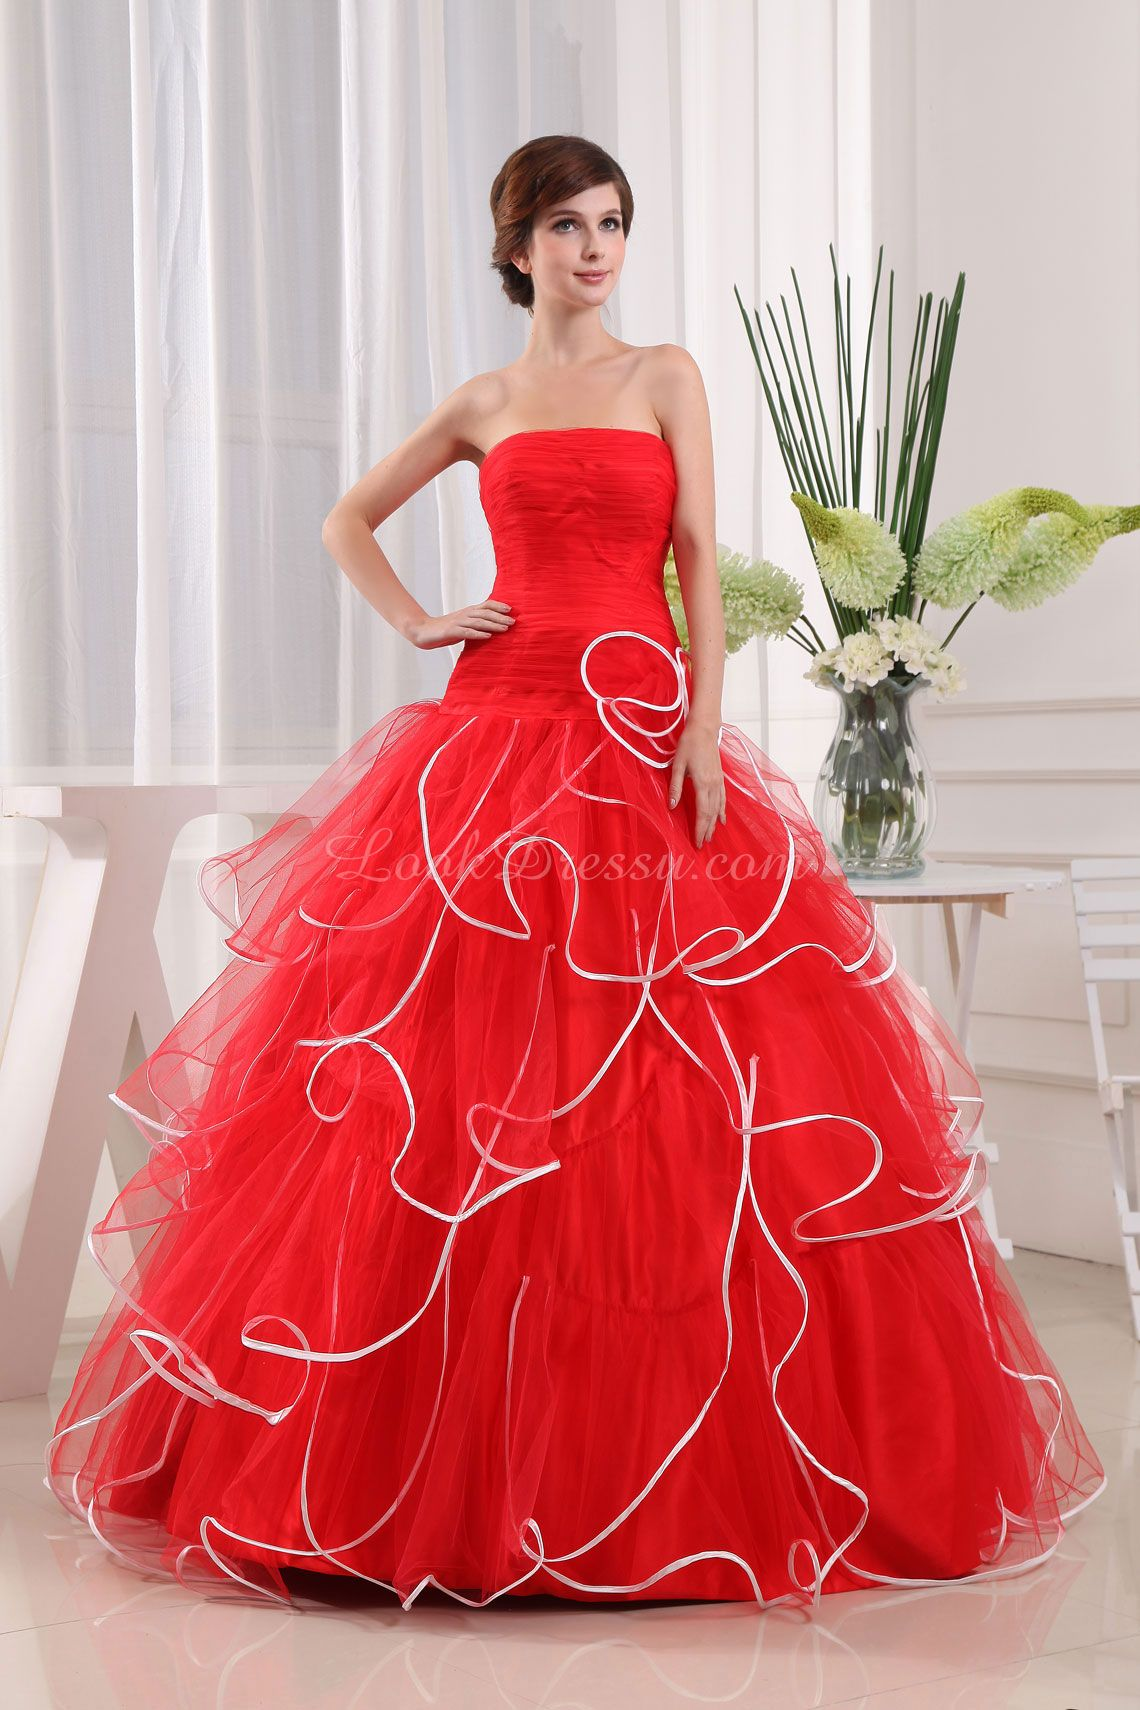 Prom dress prom dress prom dress prom dresses pinterest prom